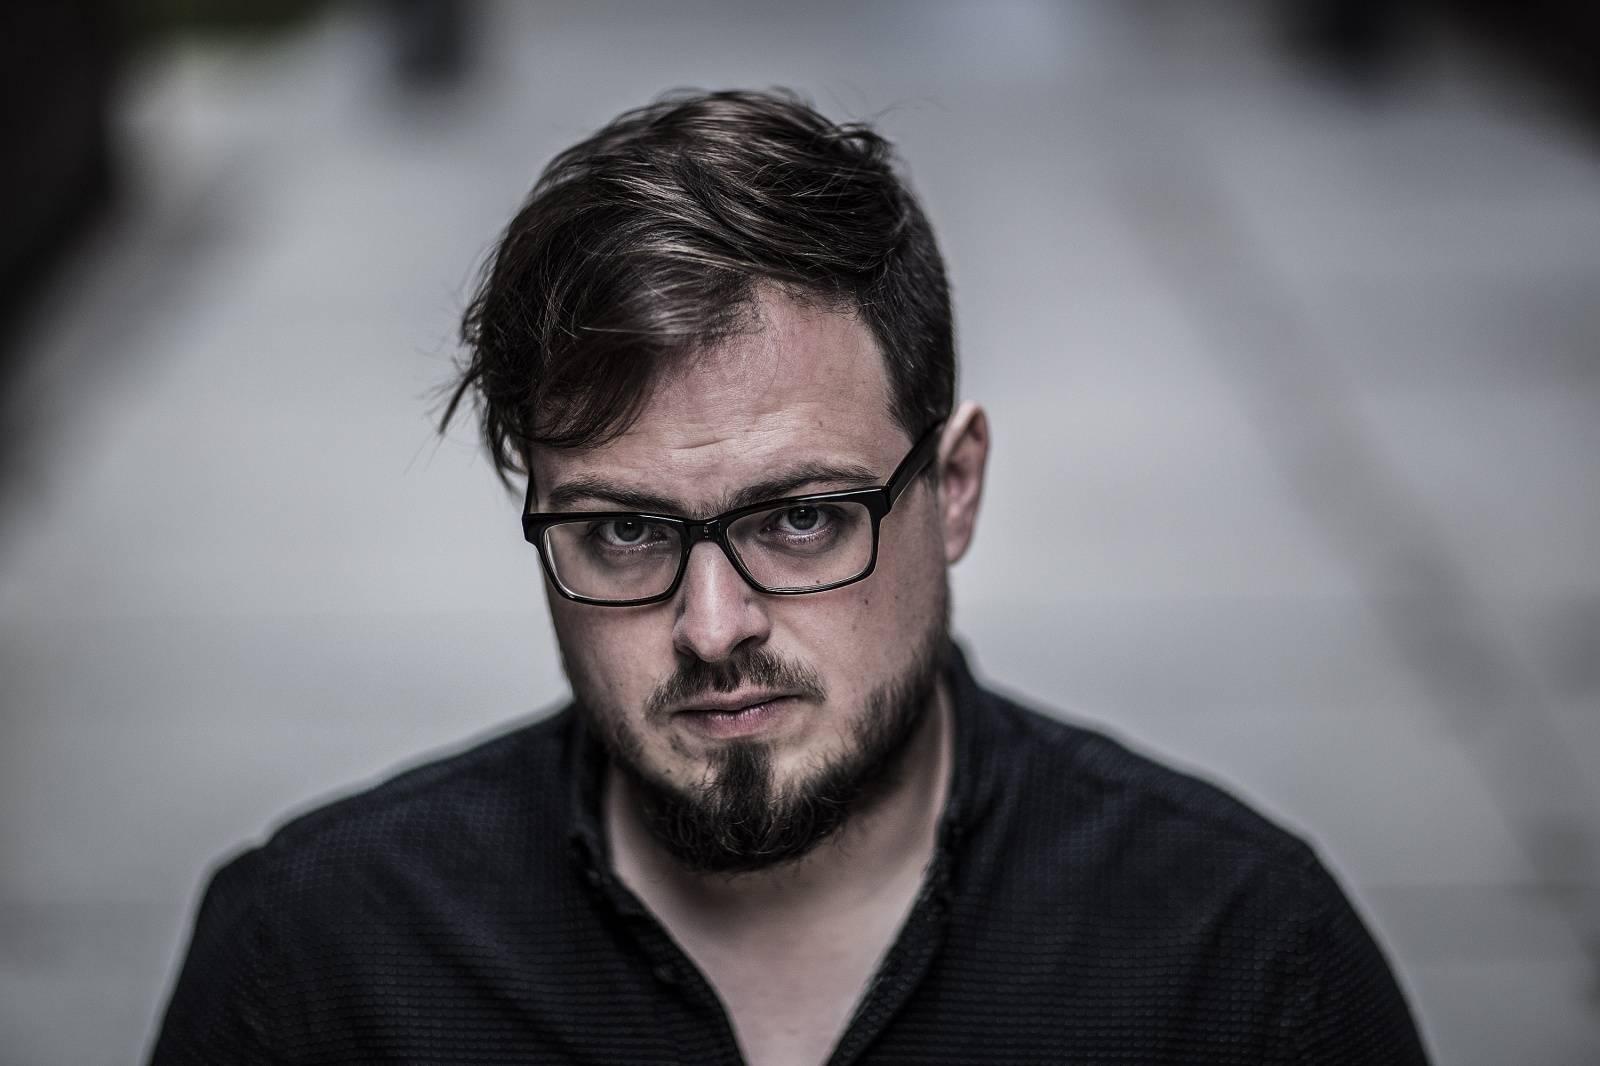 Objev české scény David Stypka: Na veselé písničky jsou tu jiní šíbři, moje deska bude o strachu